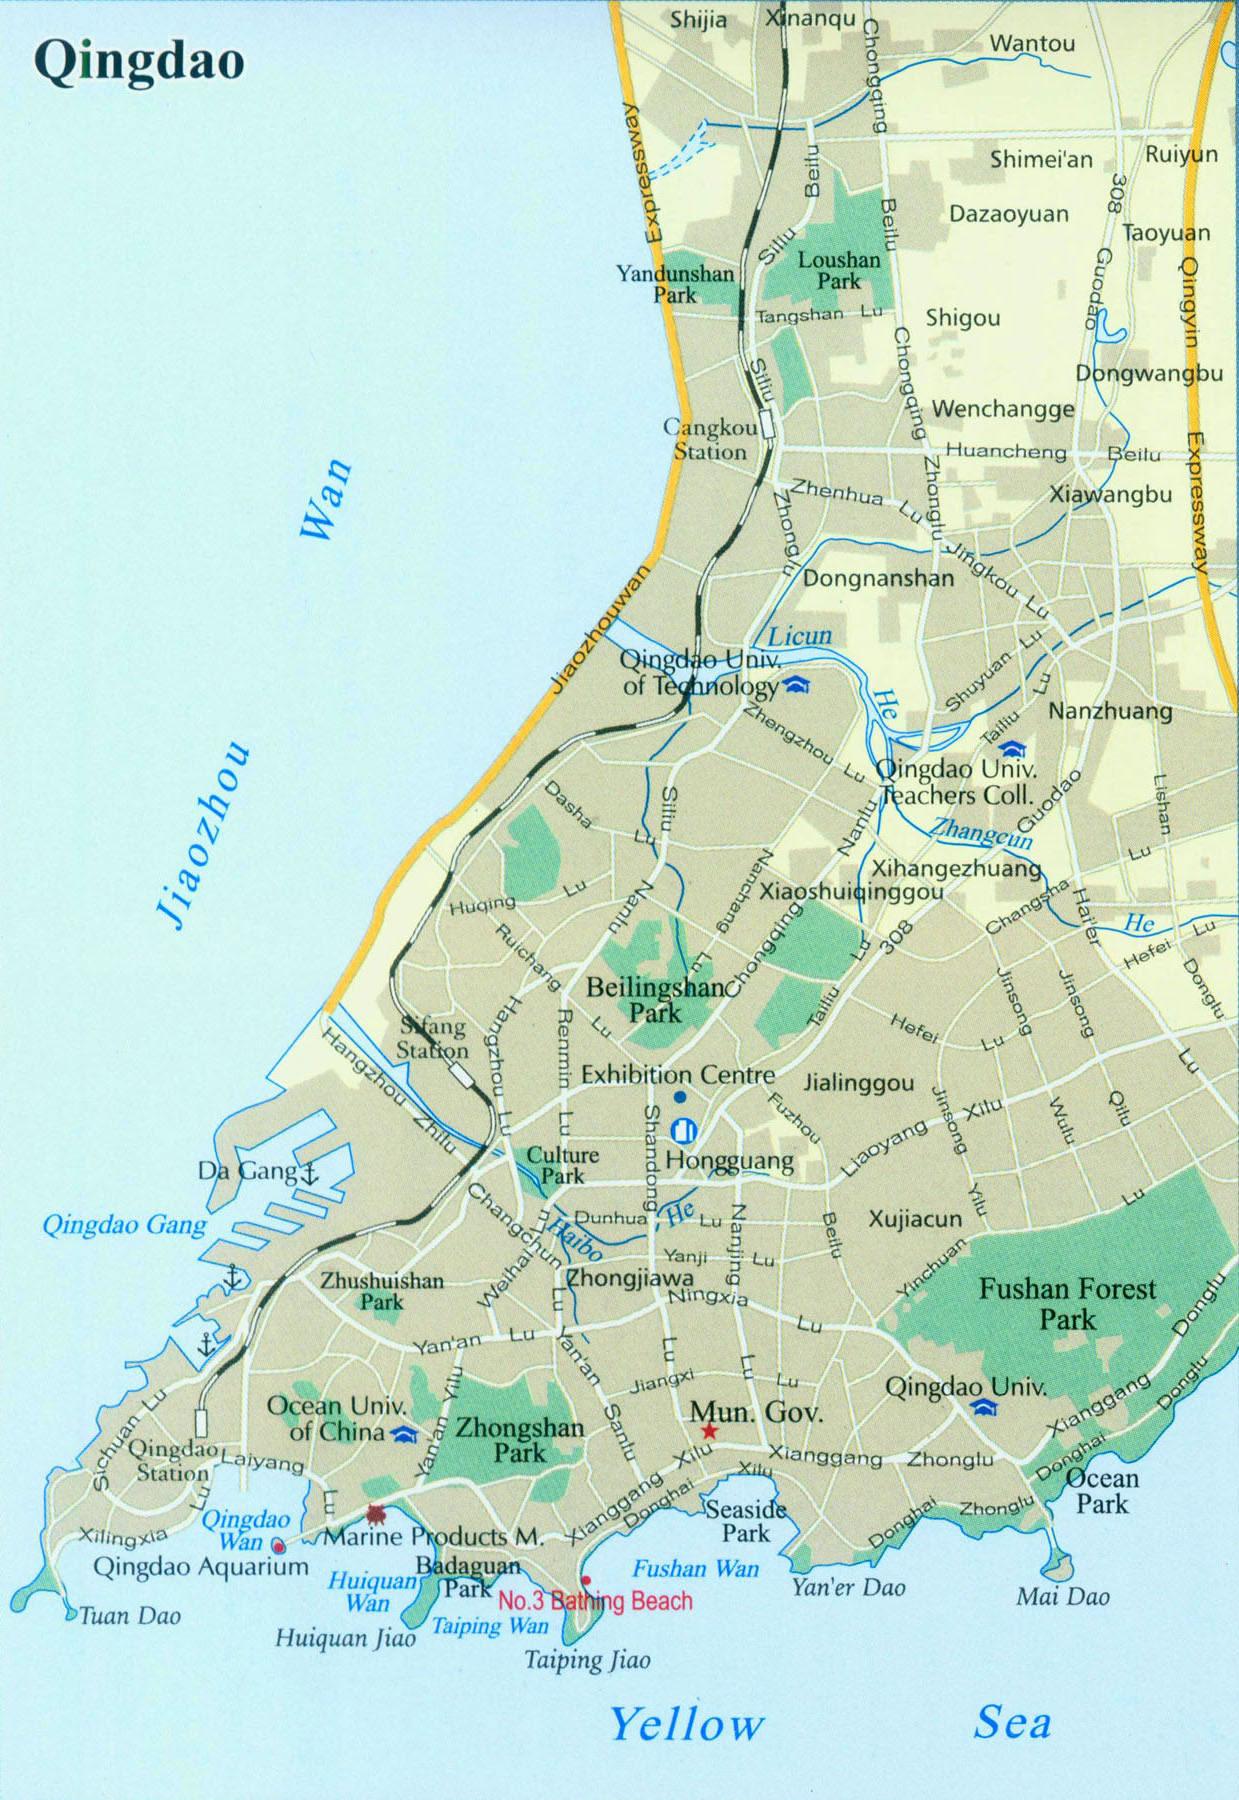 Detailed Map of Qingdao City Qingdao tour tours in Qingdao